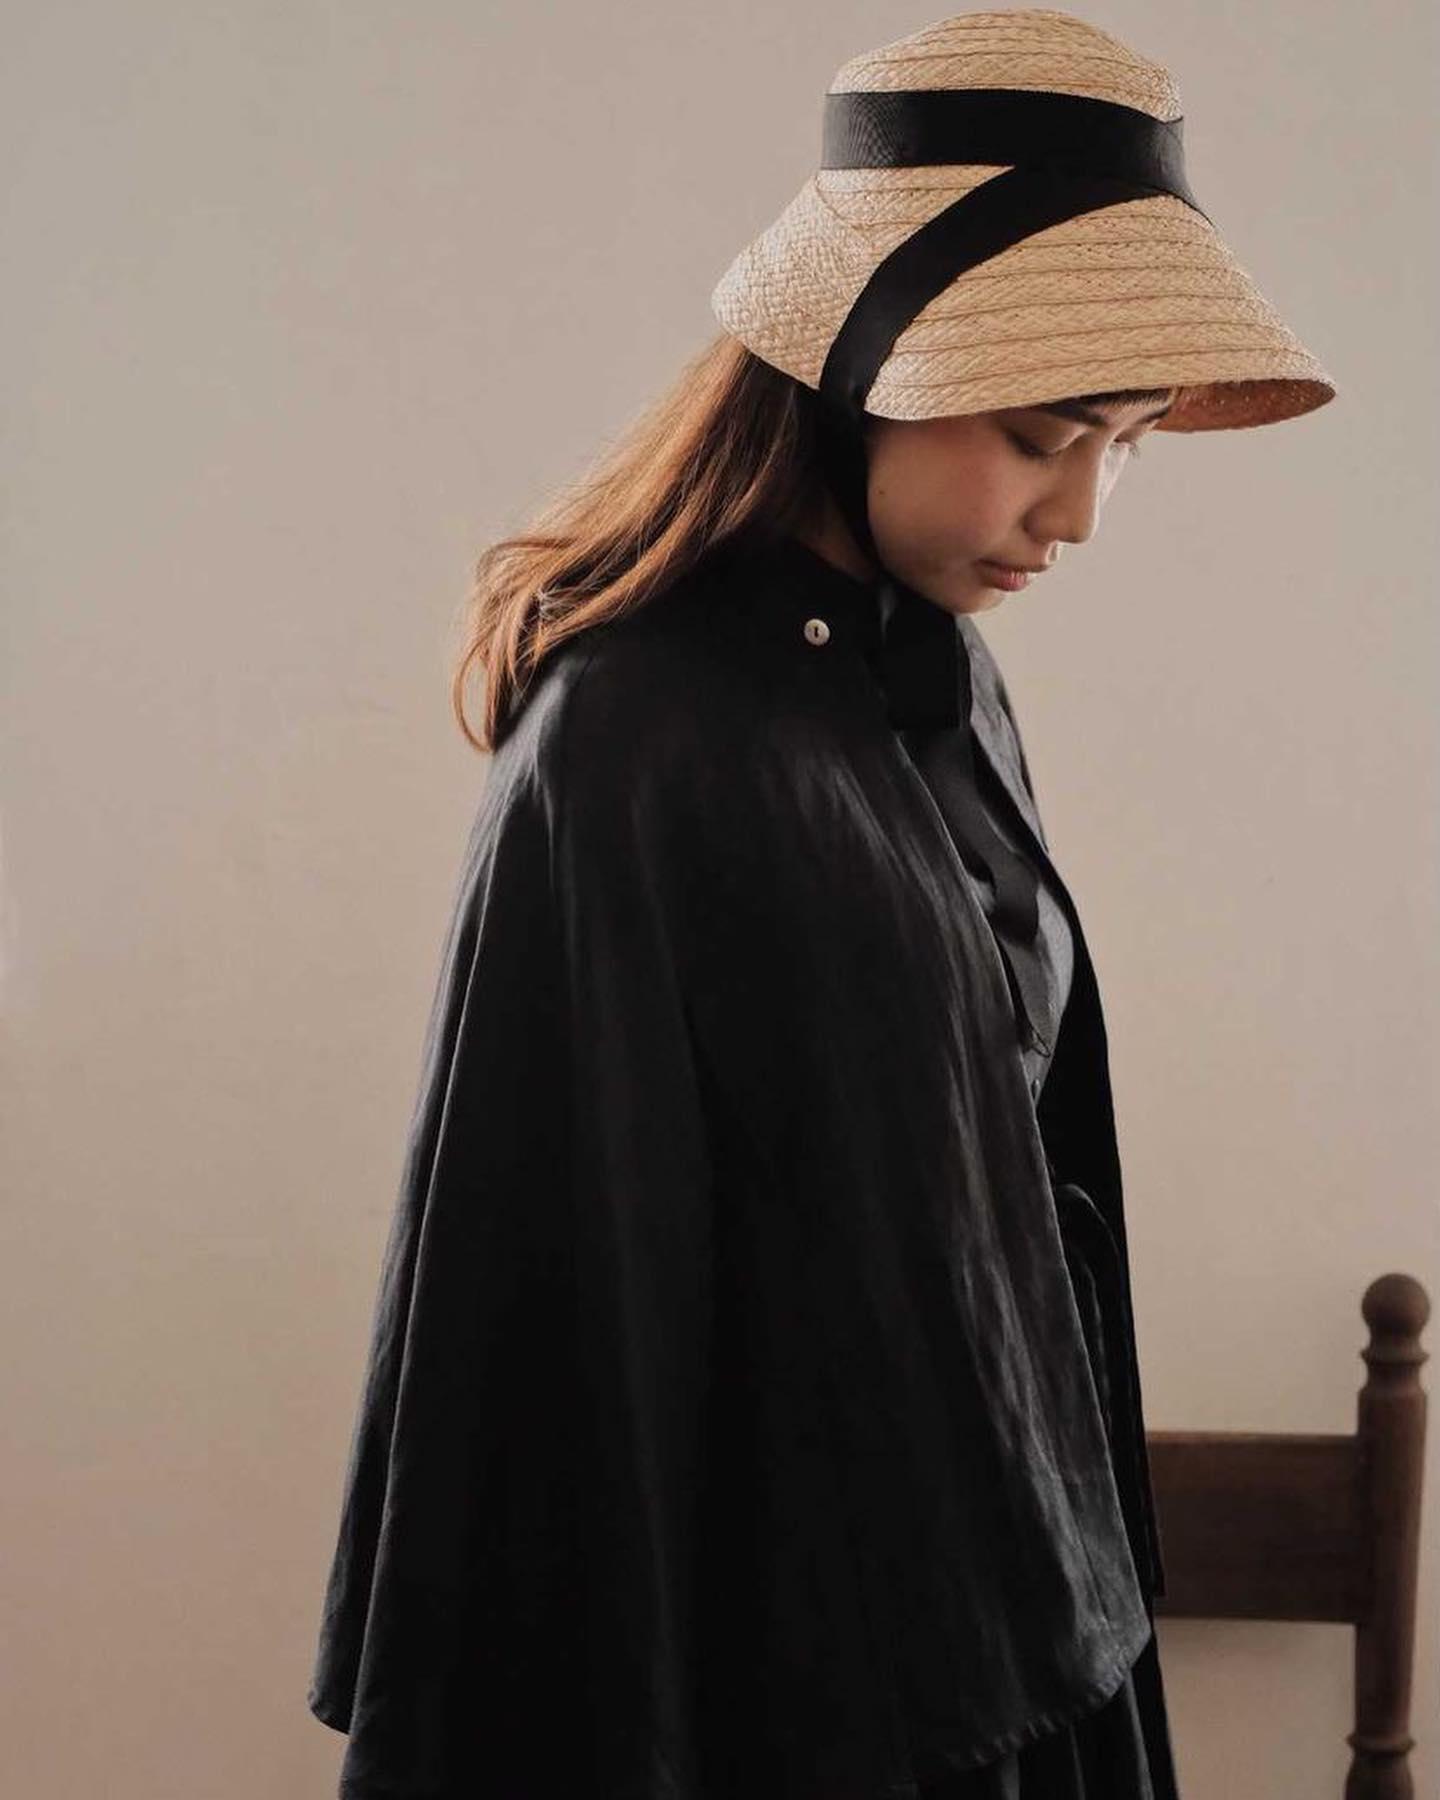 嬉しいお知らせです・香港でKIKONOの帽子のお取り扱いがはじまりました・@onka.hk ・ご自身も香港でブランドとshopを運営し、植物染めや独自の技法を使って洋服や帽子を作られている職人さんです・安加さんの素晴らしい作品にとても刺激をうけました・・安加さんの素敵なお洋服とモデルさんに合わせて写真を撮っていただき帽子もとても嬉しそうに見えます・KIKONOの製品を通じて海の向こうの素敵な方とのコミュニケーションがとれる事がとても嬉しく感謝いたします・これから製品のやり取りだけではない心の交流ができれば、なんても想っています・・私達も2017年に一度香港のマーケットに出店した事があります 大都会で歩くスピードやエスカレーターの速さに驚いた事、人々の生き生きとした活気を思い出します・このいただいたご縁を大切にしてまた香港の空気を肌で感じてみたいです・・香港のお客様是非お手にとってみてくださいね・・安加さん、ありがとう!・KIKONOの帽子達をどうぞよろしくお願いします・・・153-155C,Ki Lung Street,Sham Shui Po, Hong Kong・・・